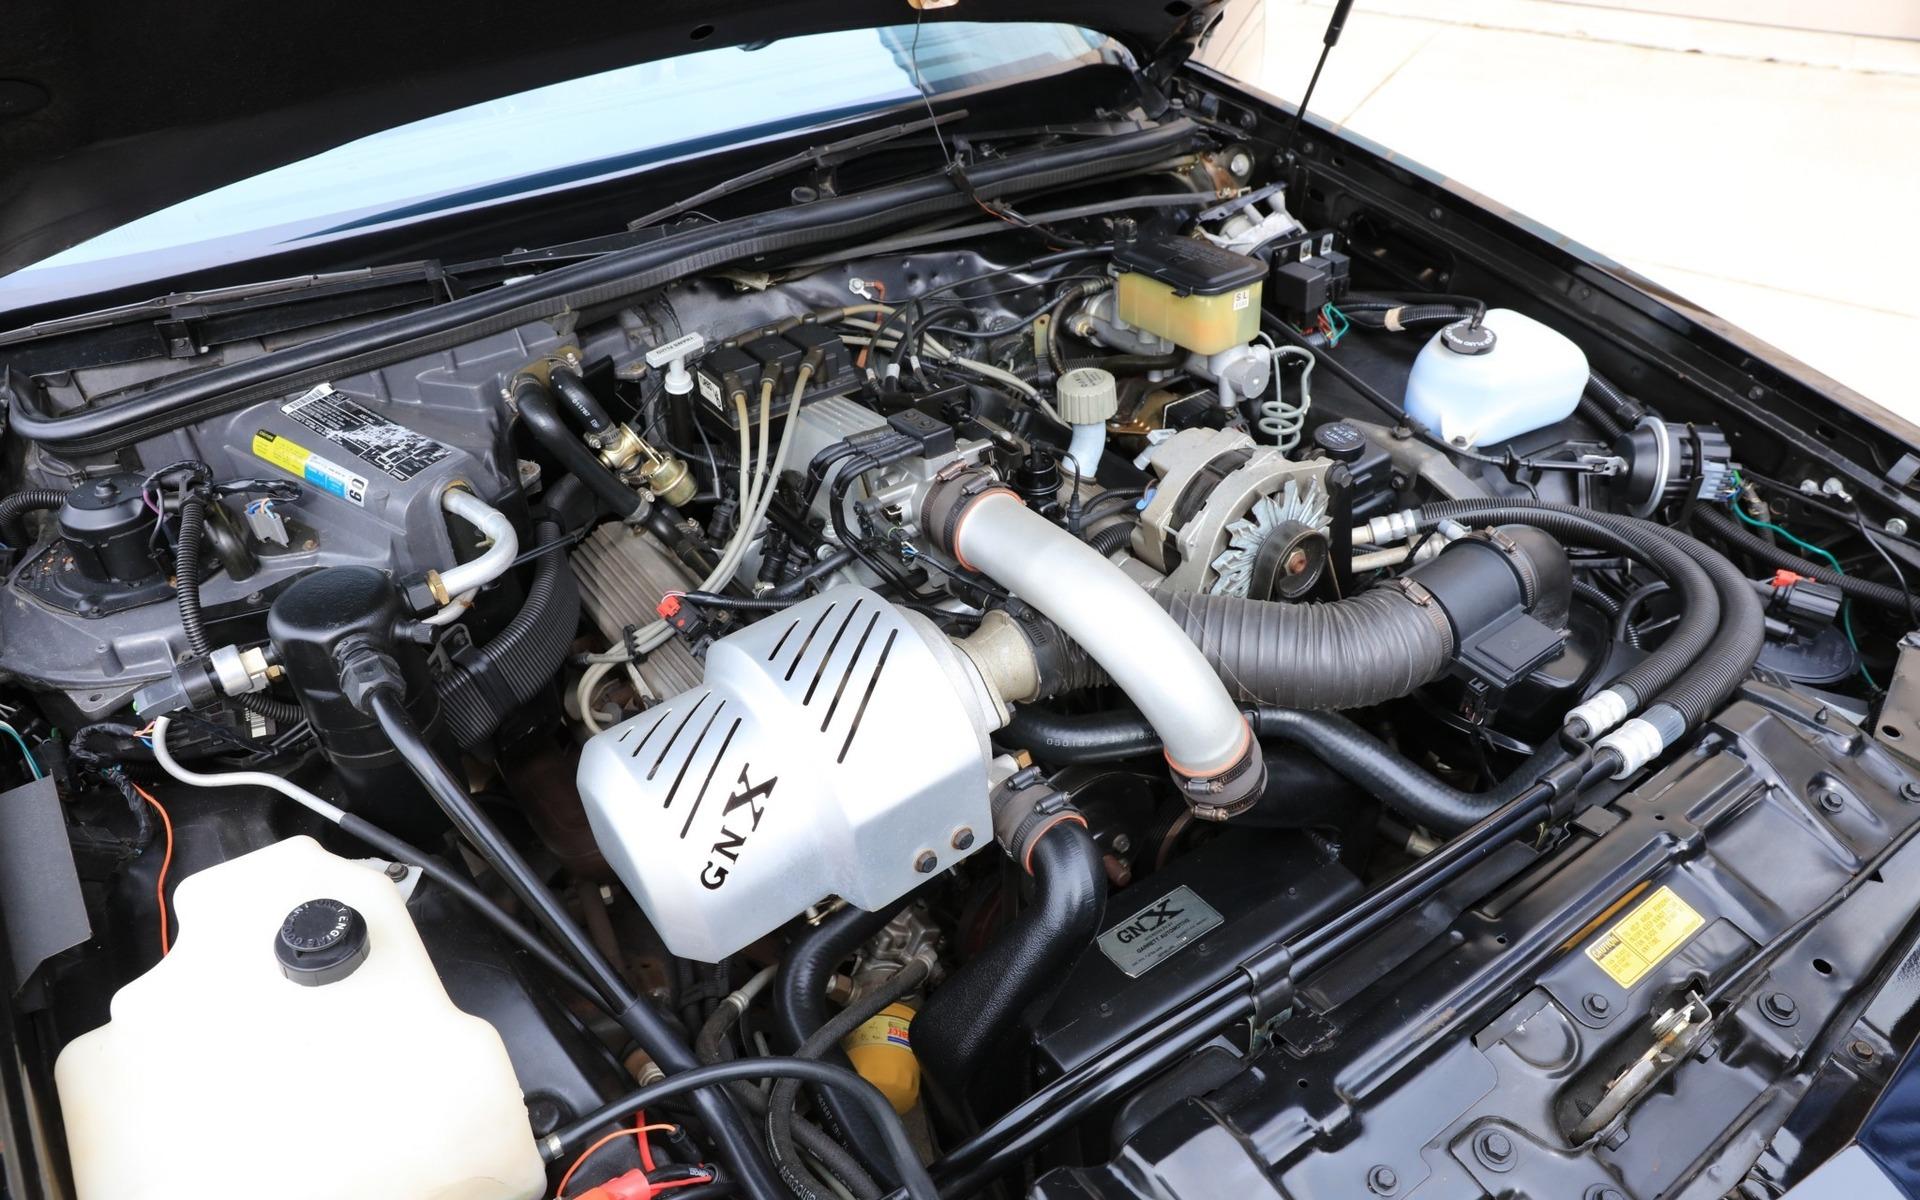 Cette Buick GNX est encore neuve 32 ans plus tard 366841_Buick